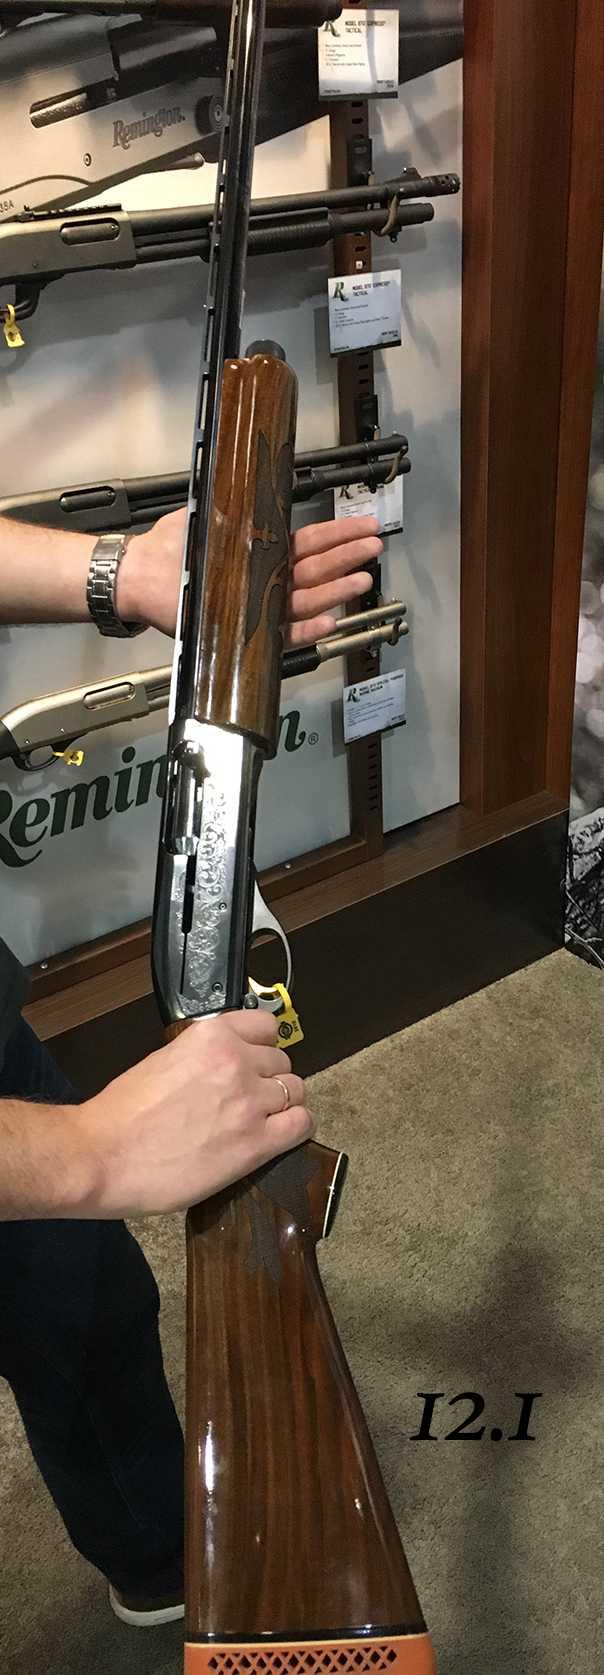 13)38 ежегодная выставка оружия Shot Show в Лас-Вегасе, штат Невада (часть 3)